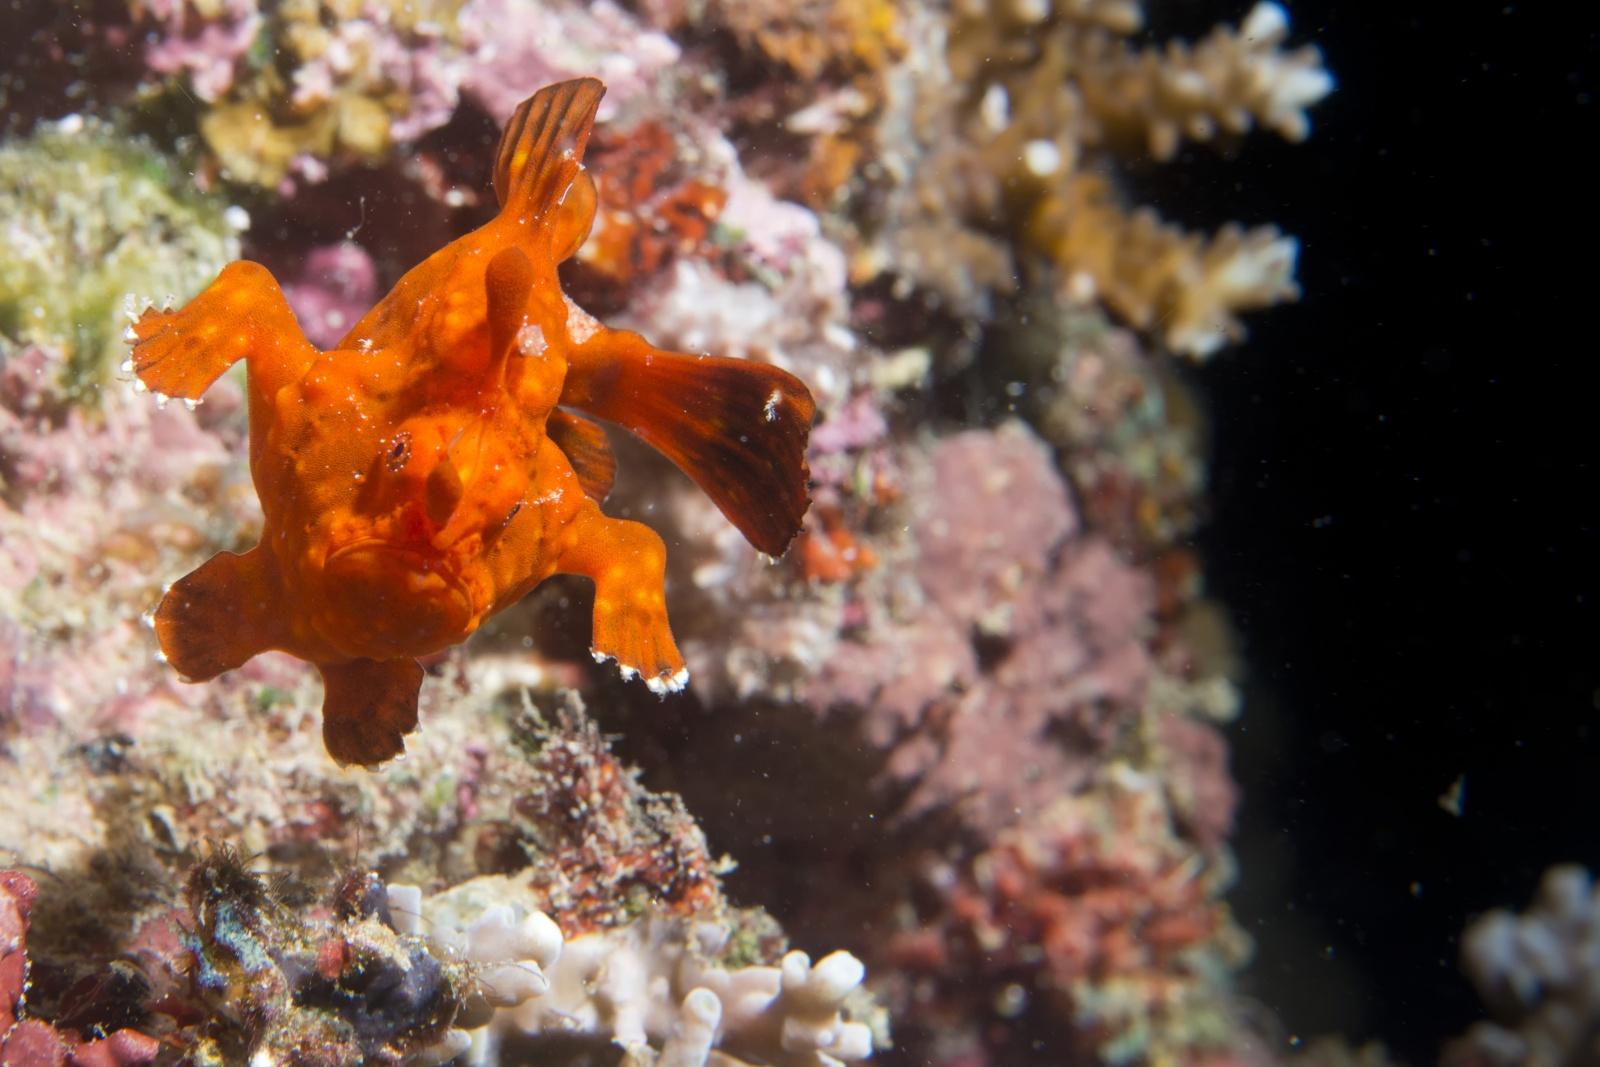 100 Metri Rana - Un piccolissimo pesce rana rosso balza da una roccia ricordando lo scatto di un corridore.